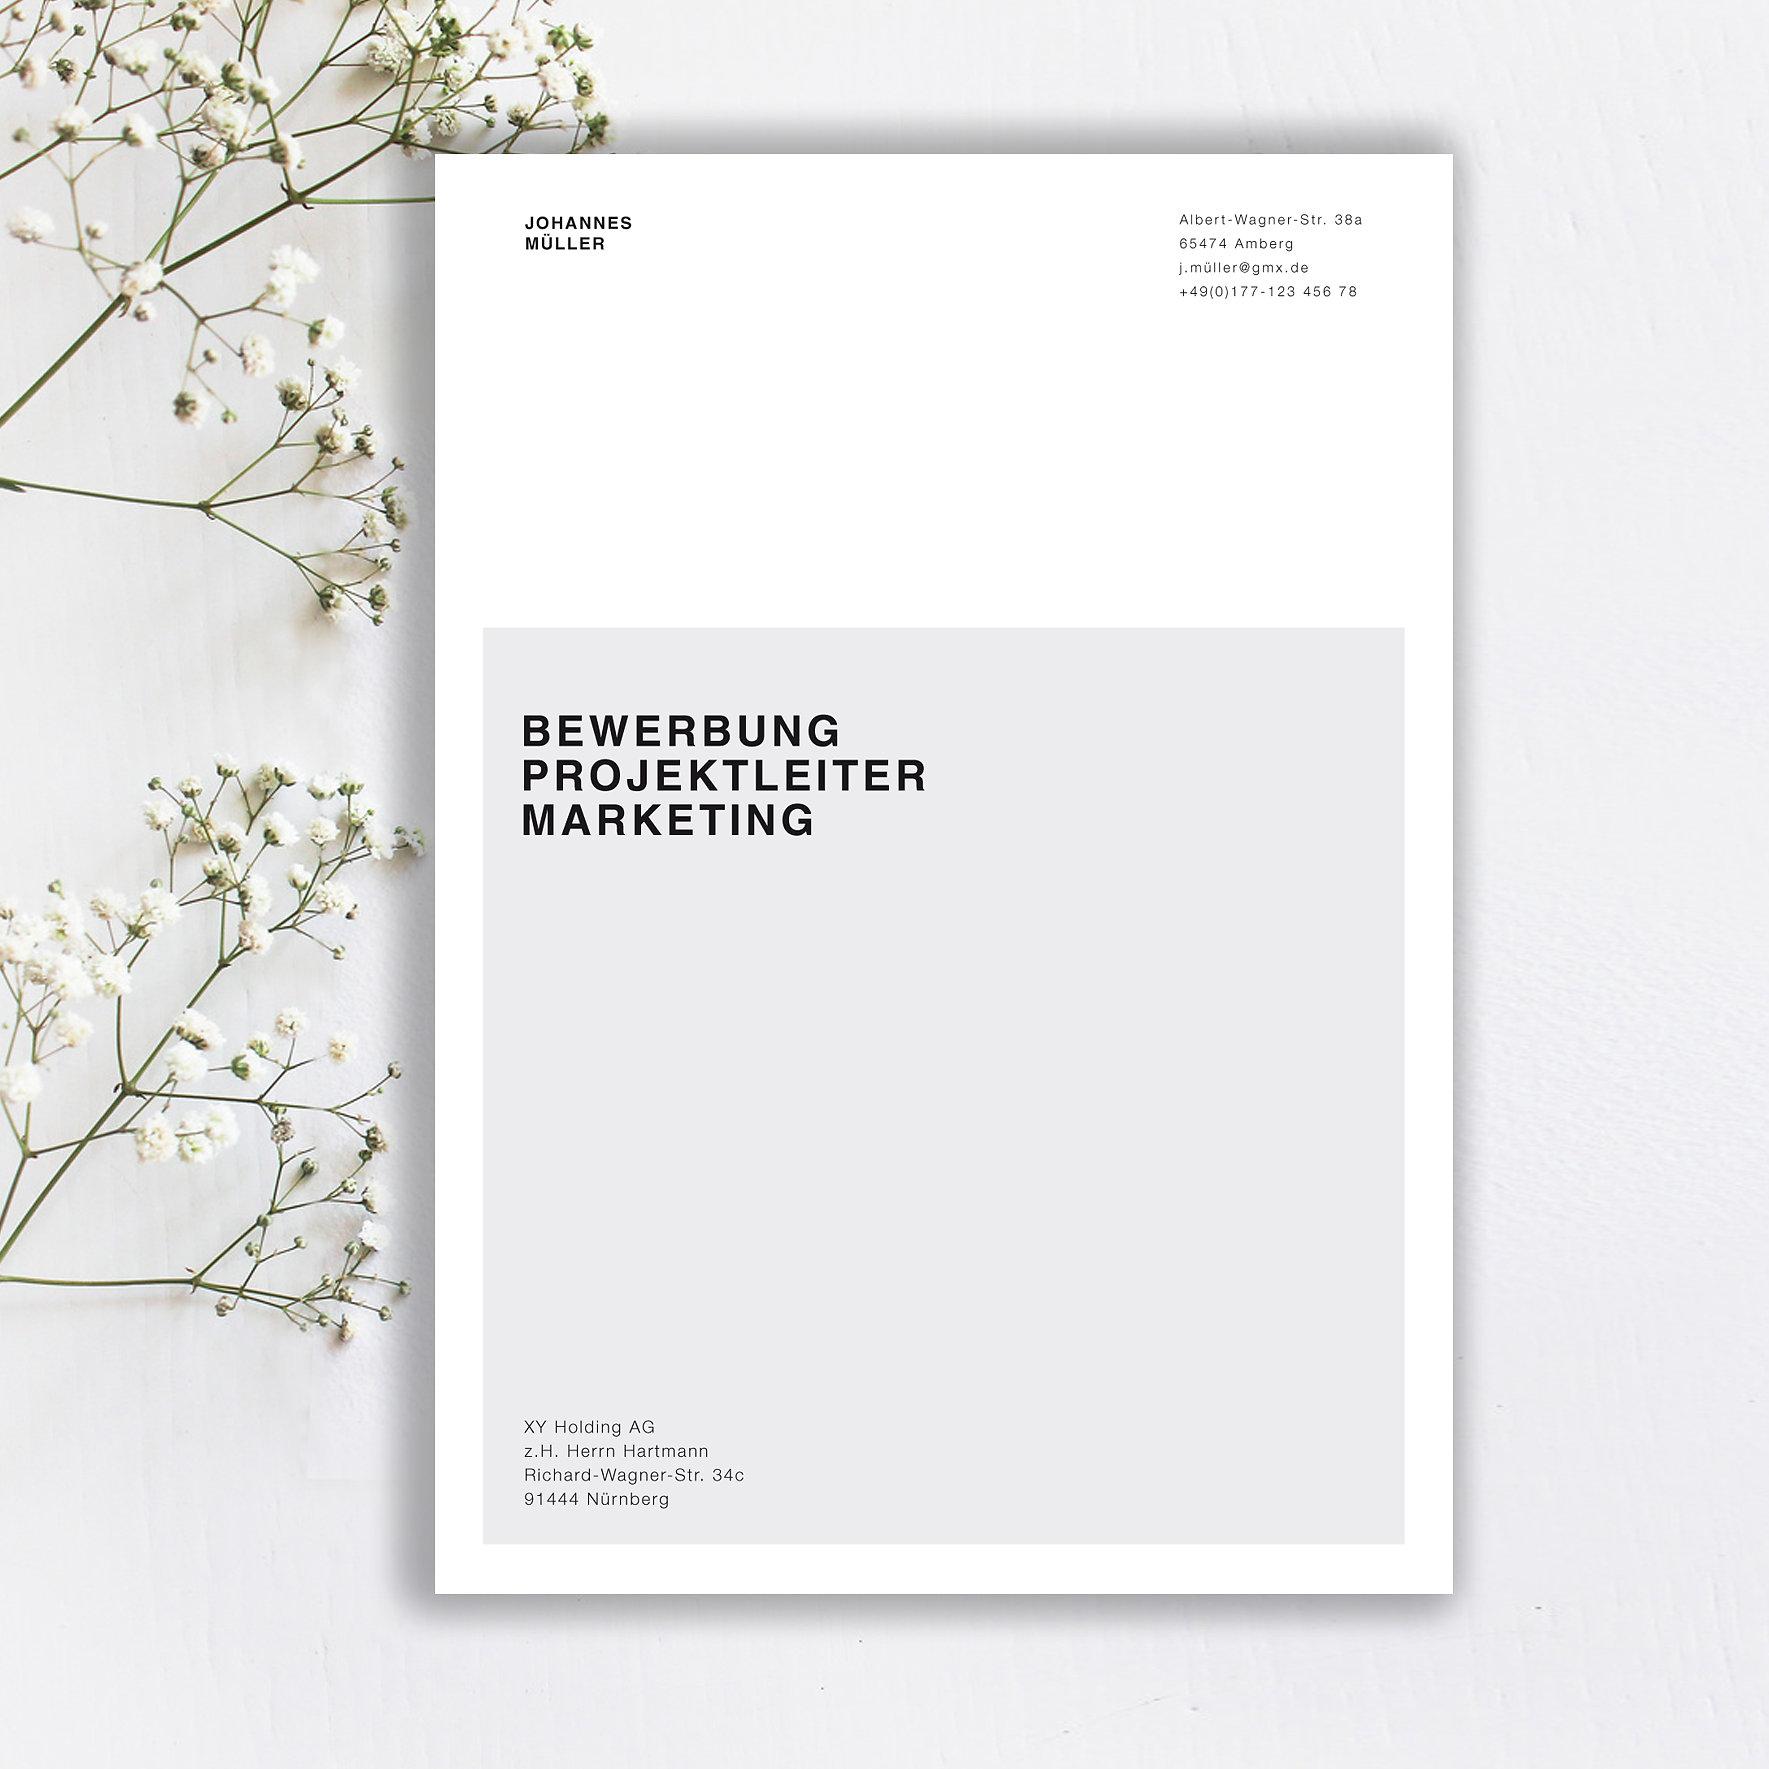 Fantastisch Stile Von Bewerbungen Kreativ Ideen - Beispiel Business ...